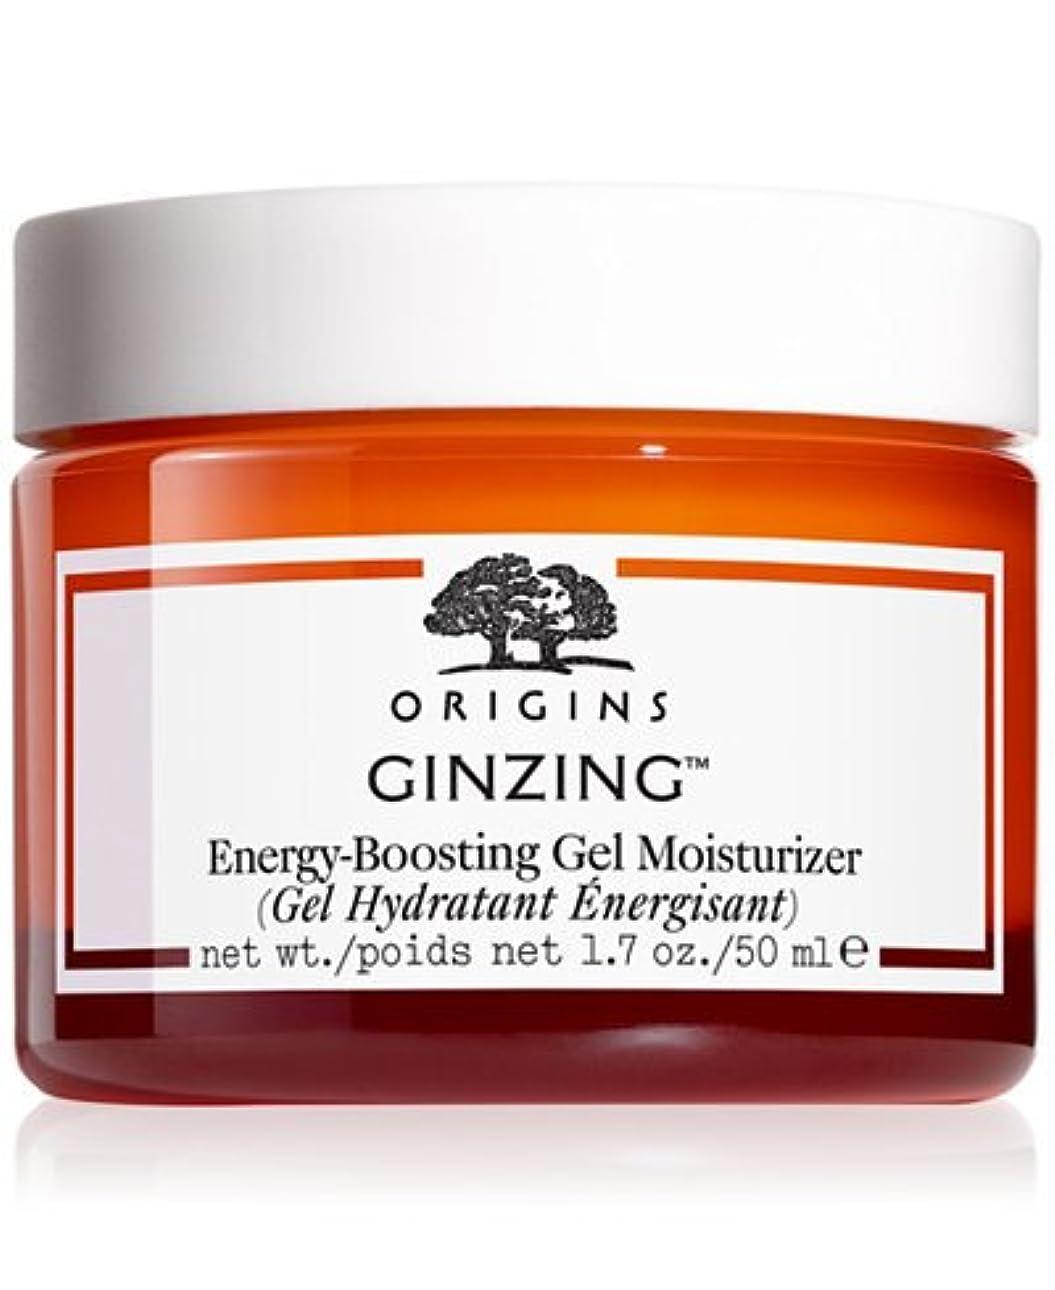 数値花輪ホバーOrigins GinZing™ Energy-Boosting Moisturizer (オリジンズ ギンジング エナジー ブースティング モイスチャライザー) 1.7 oz (50ml) for Women